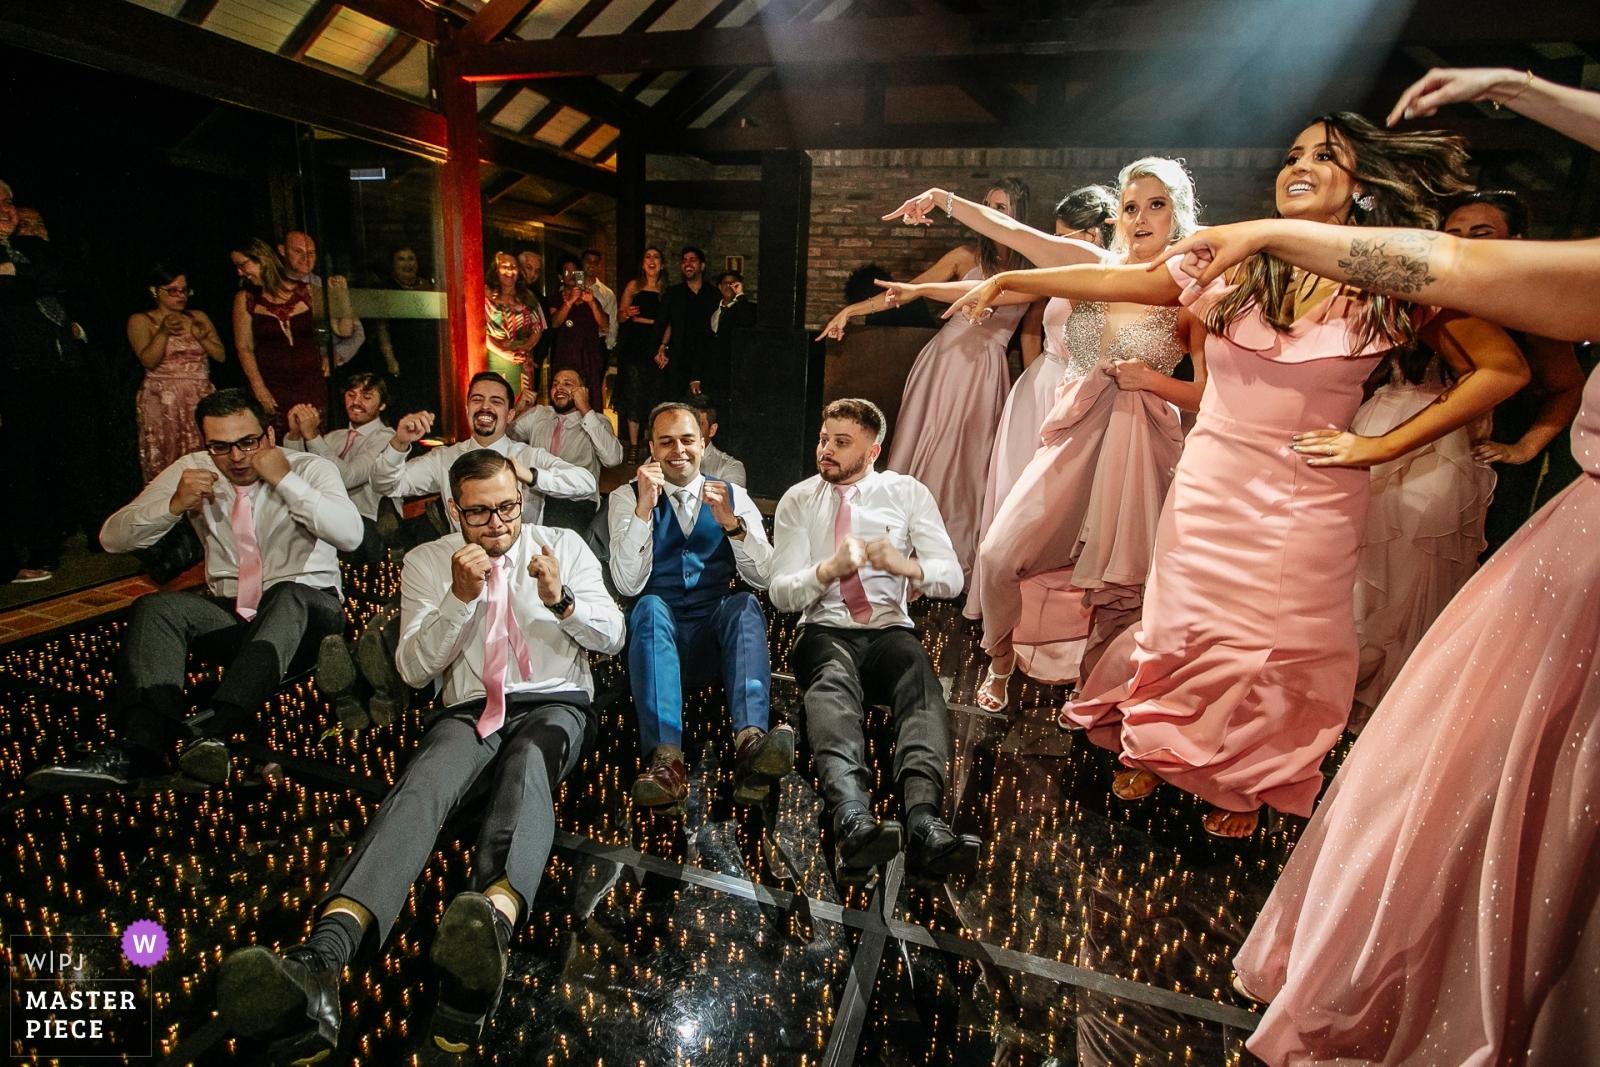 Padrinhos dançando no chão - Porto Alegre, Rio Grande do Sul Wedding Photography -  | alto da capela - porto alegre - brasil